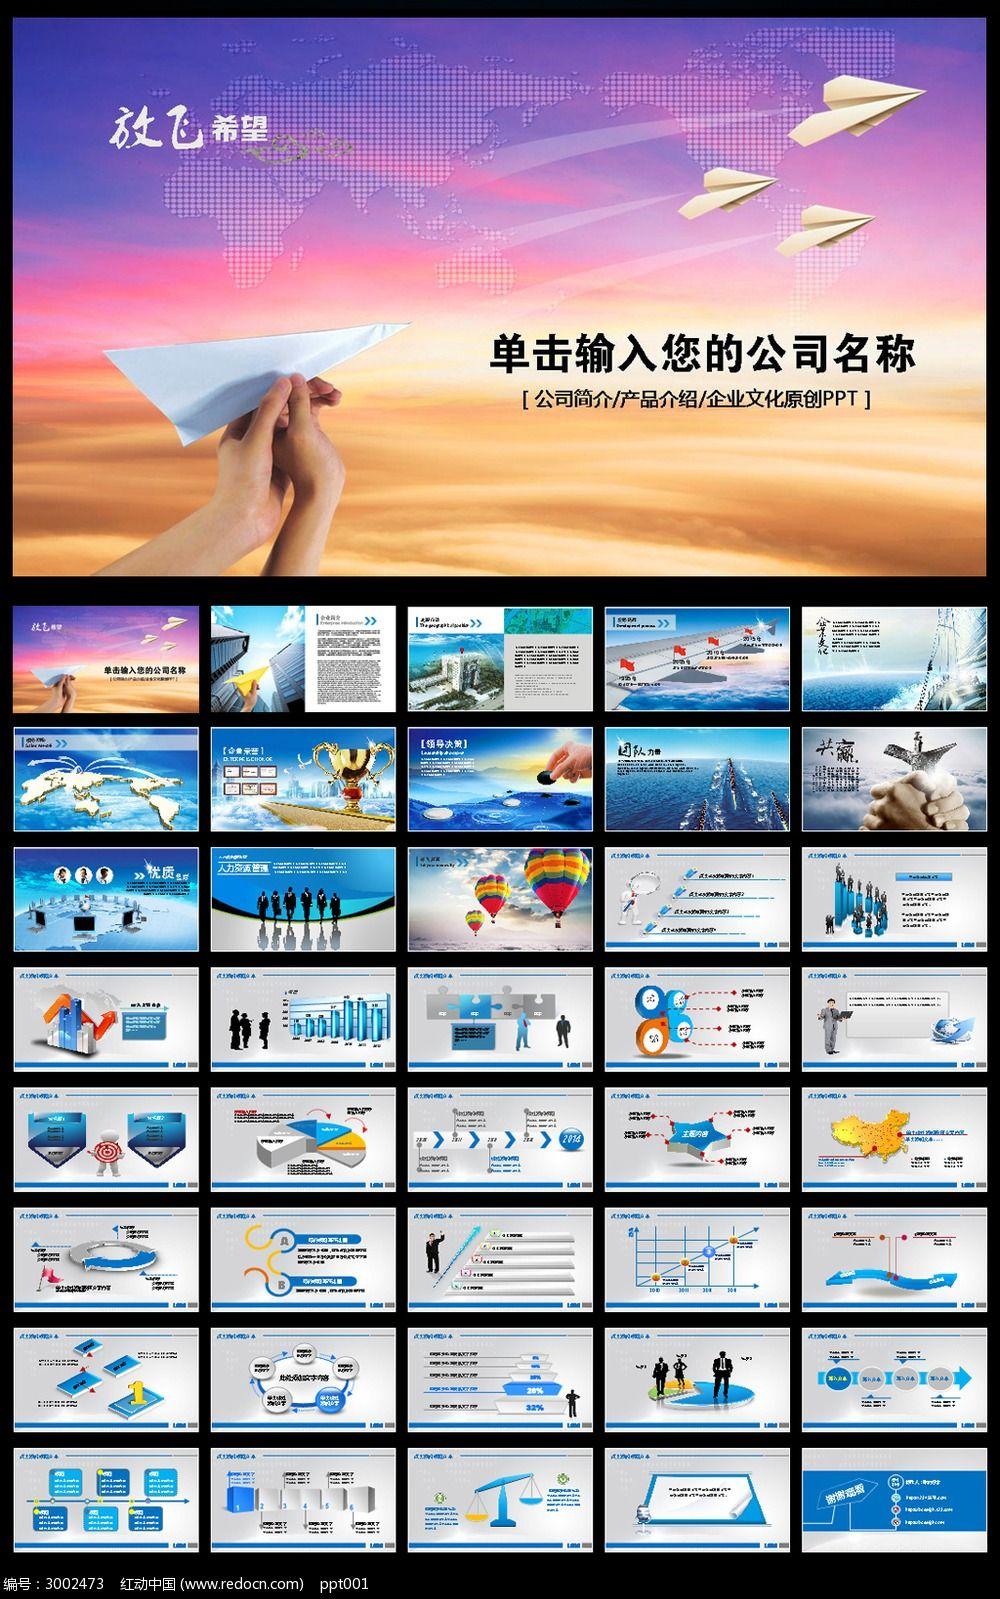 标签:放飞梦想 纸飞机 企业文化 公司简介 职场 教育 学校 励志 梦想起图片